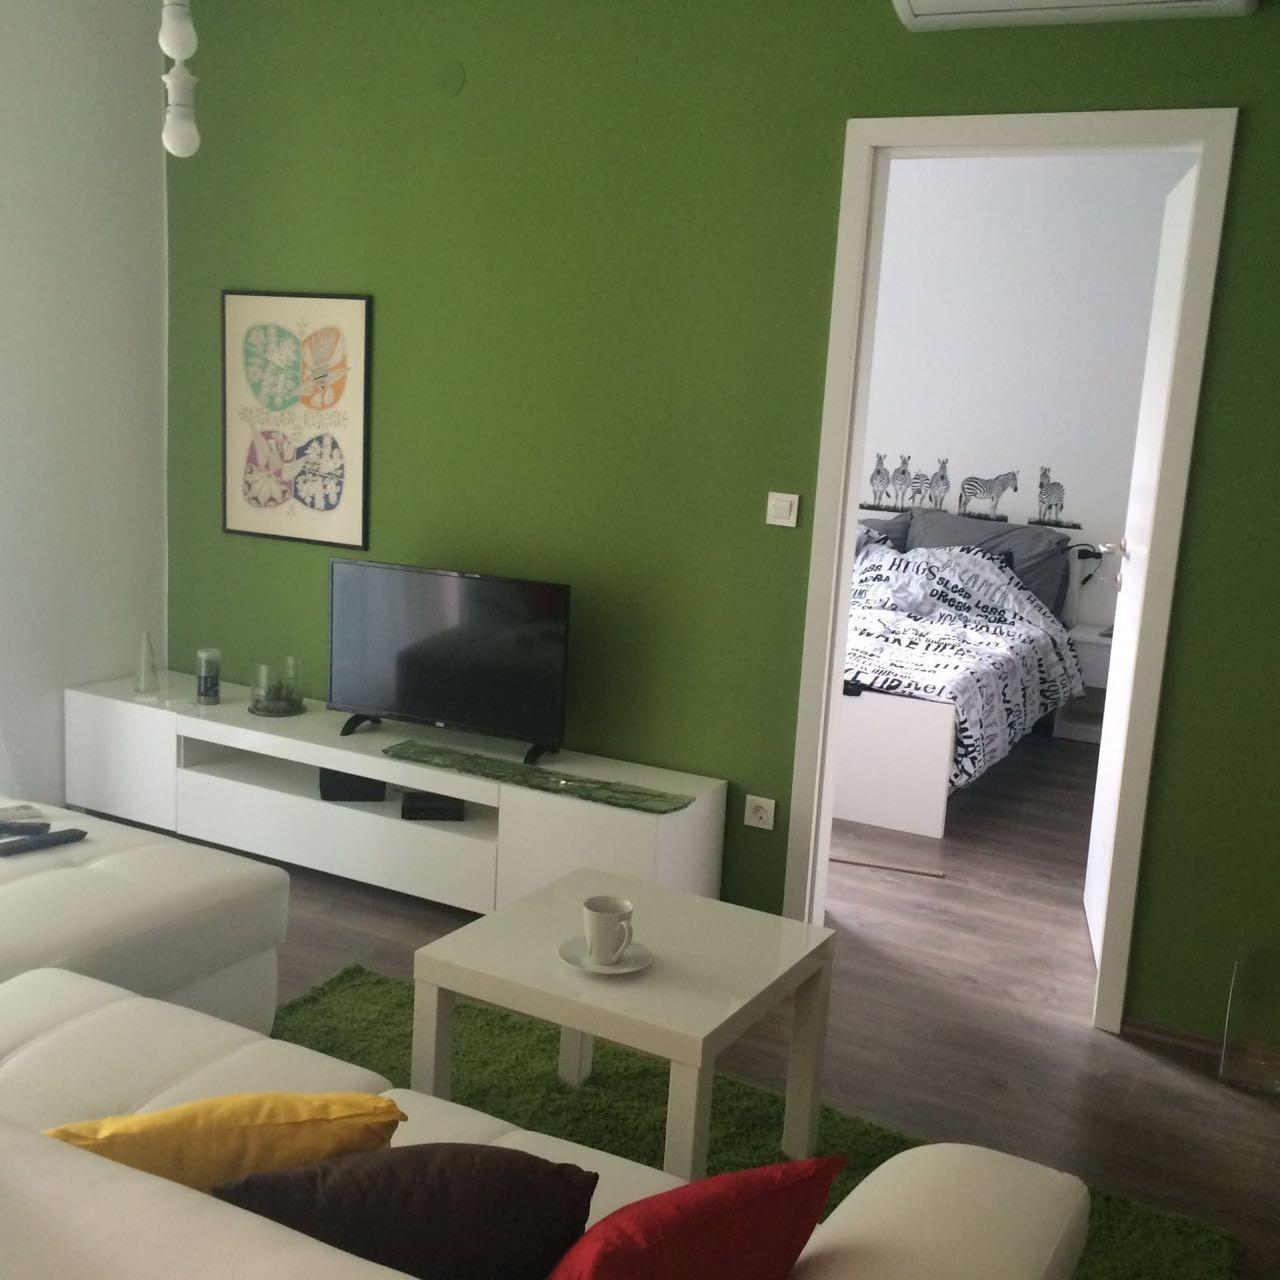 new-comfy-trendy-apartment-12a1bc410a9a968cdd068d4442228e03